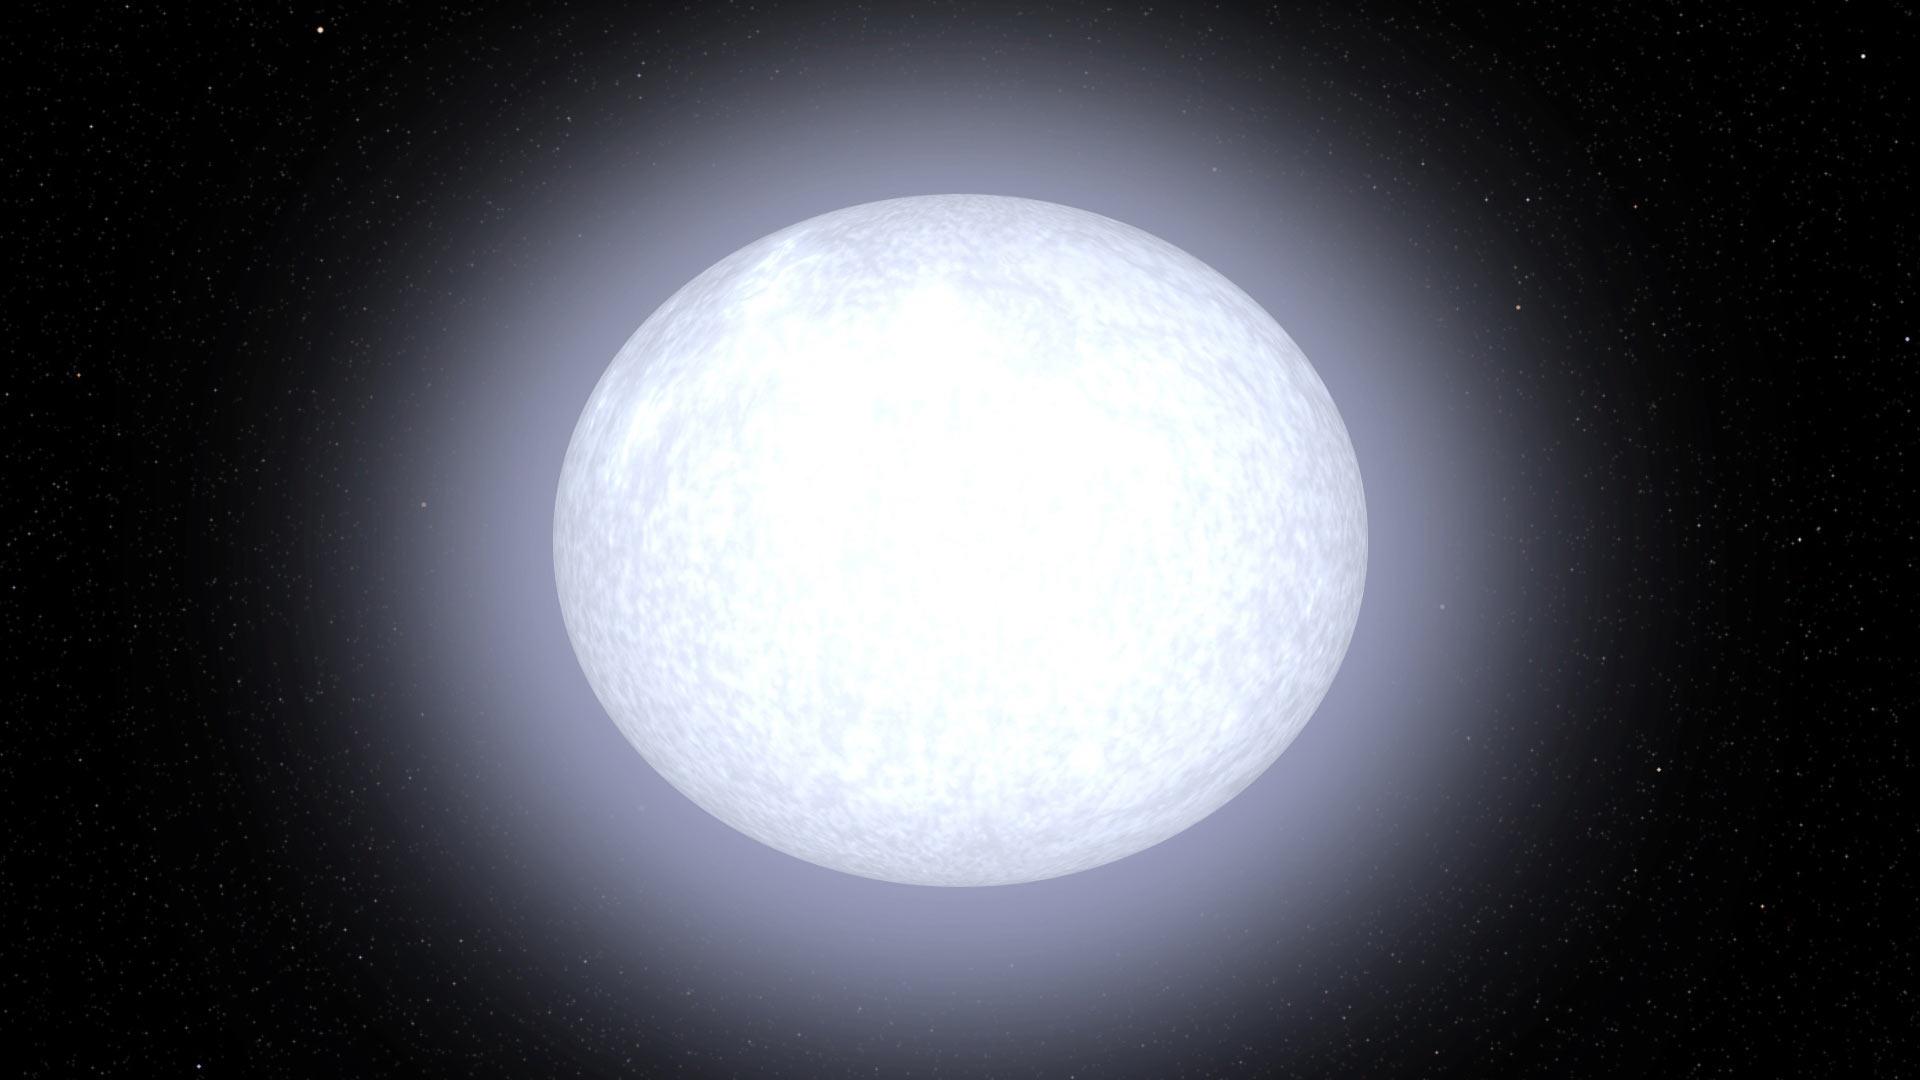 image e Delta Scuti Star